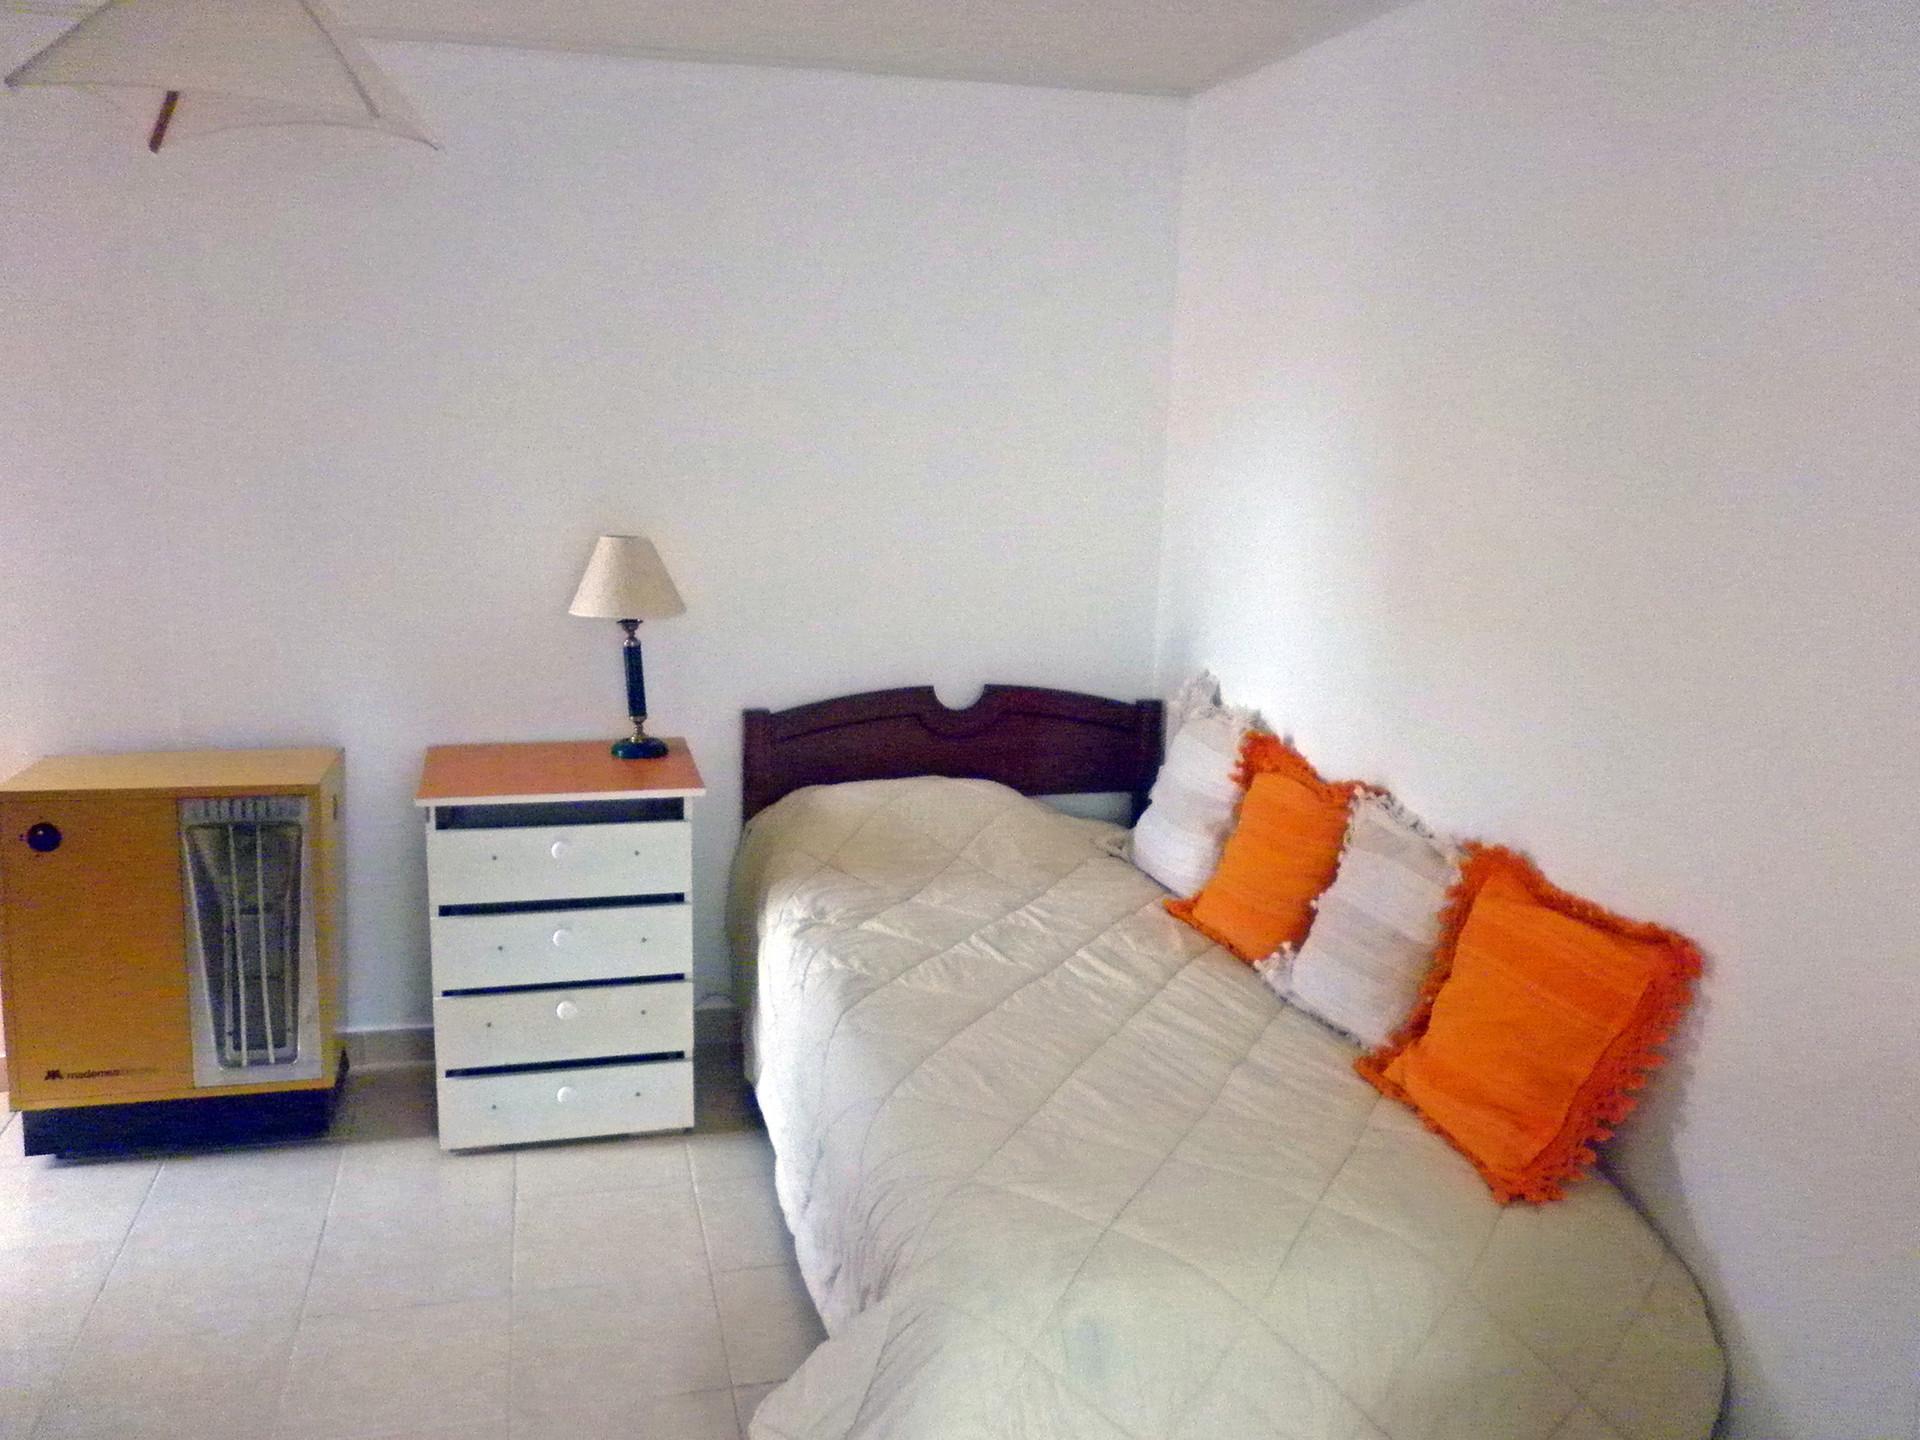 Lindo loft estudio amoblado para una persona alquiler - Pisos para una persona madrid ...